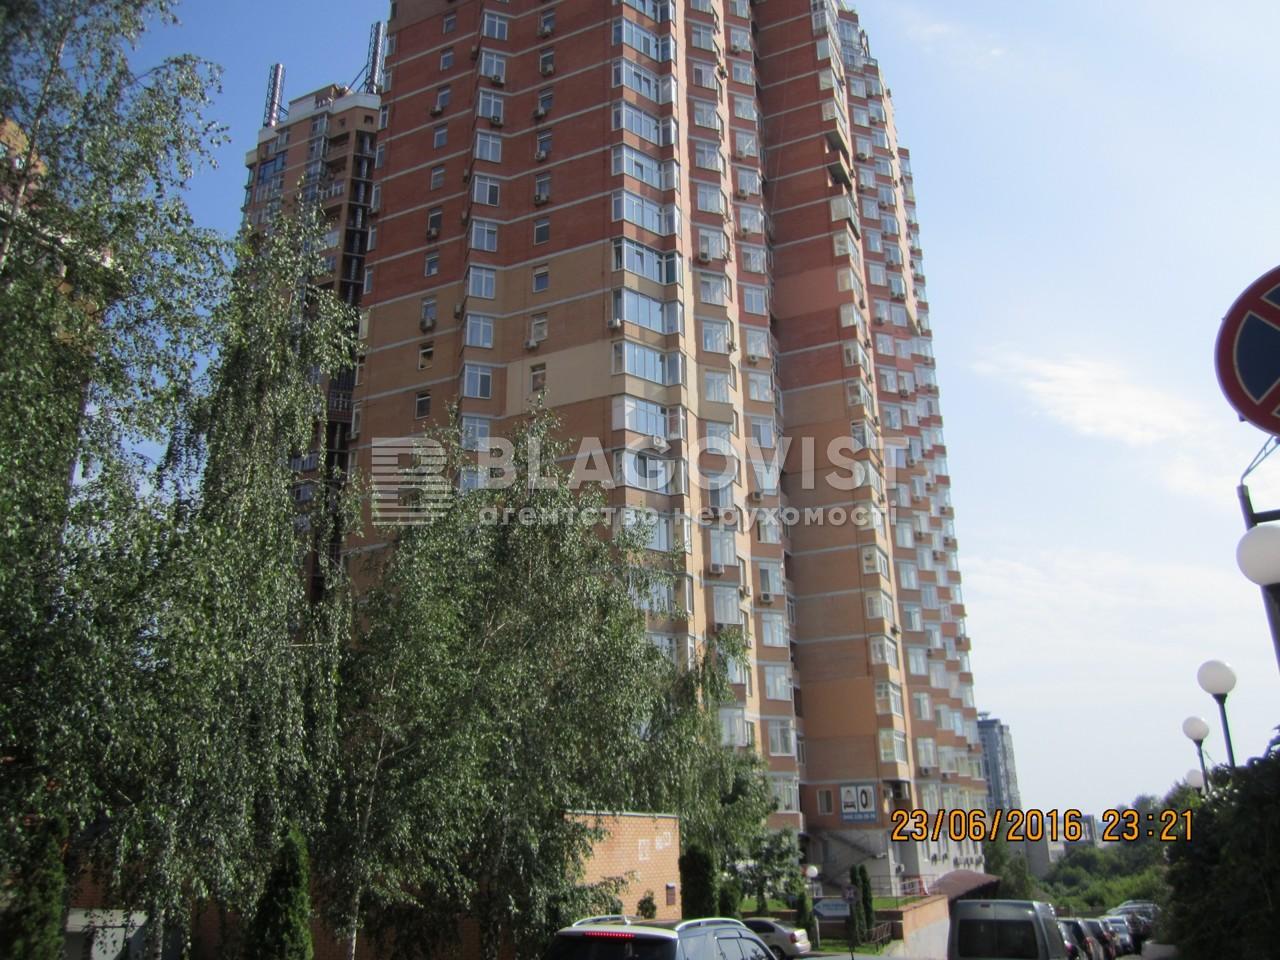 Квартира F-40437, Коновальца Евгения (Щорса), 32г, Киев - Фото 1